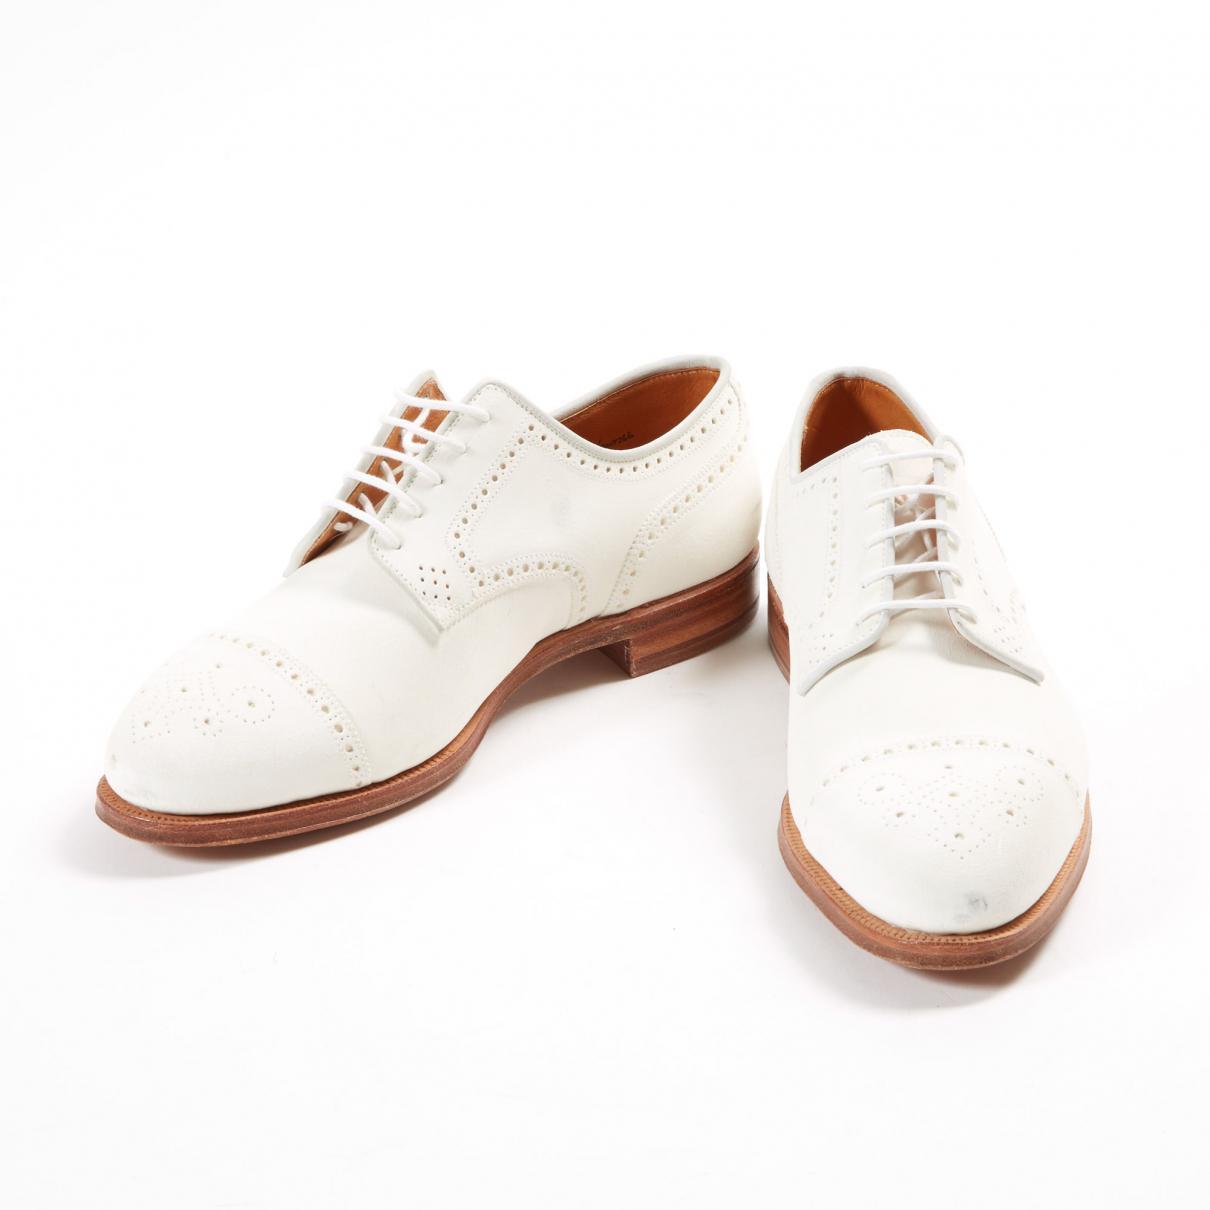 De Ville Pour Lauren Chaussures En Lyst Cuir Collection Ralph TwfzSHxq